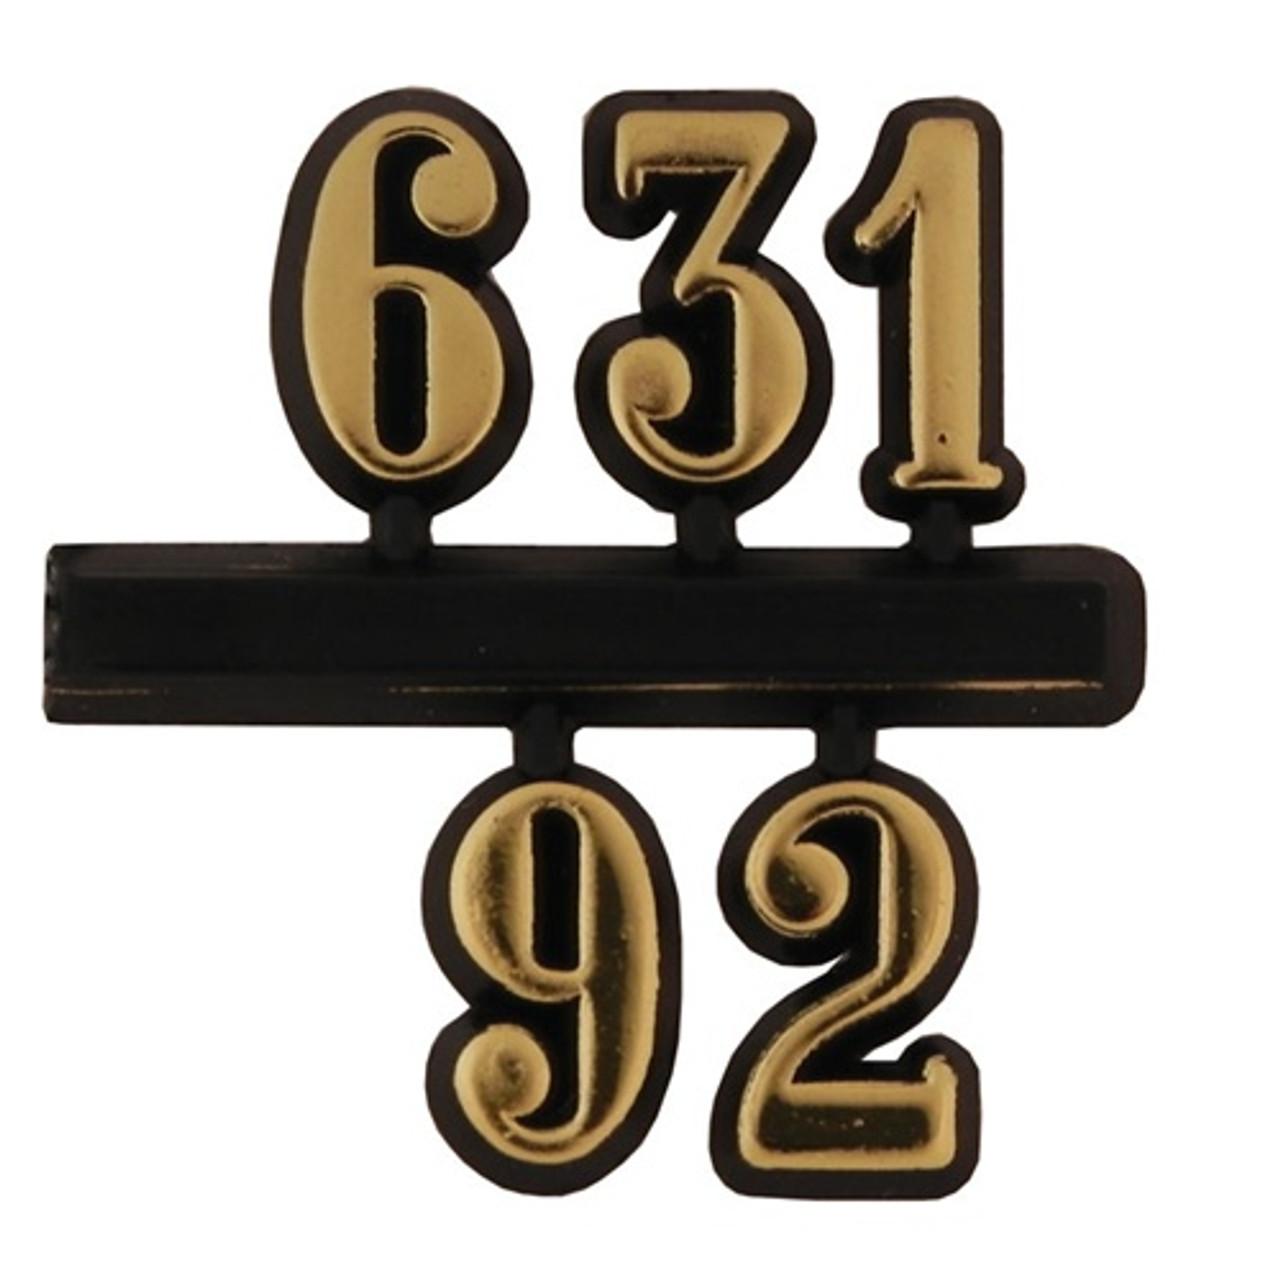 4 Digit Clock Numbers Self Adhesive